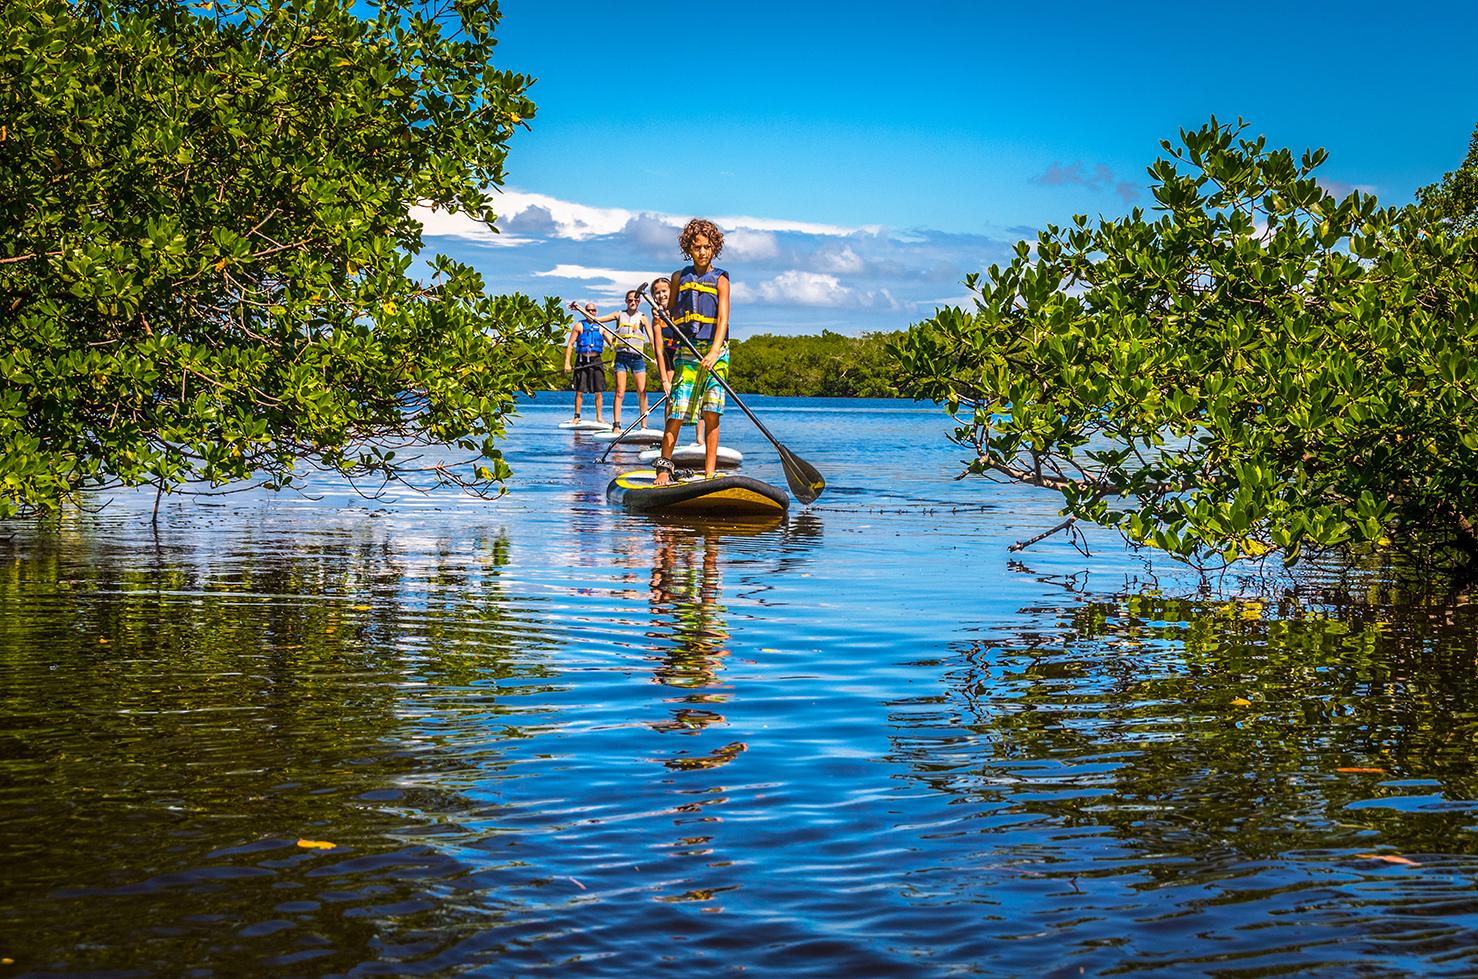 A family kayaks around the tropical plants on the banks on Sanibel Island.